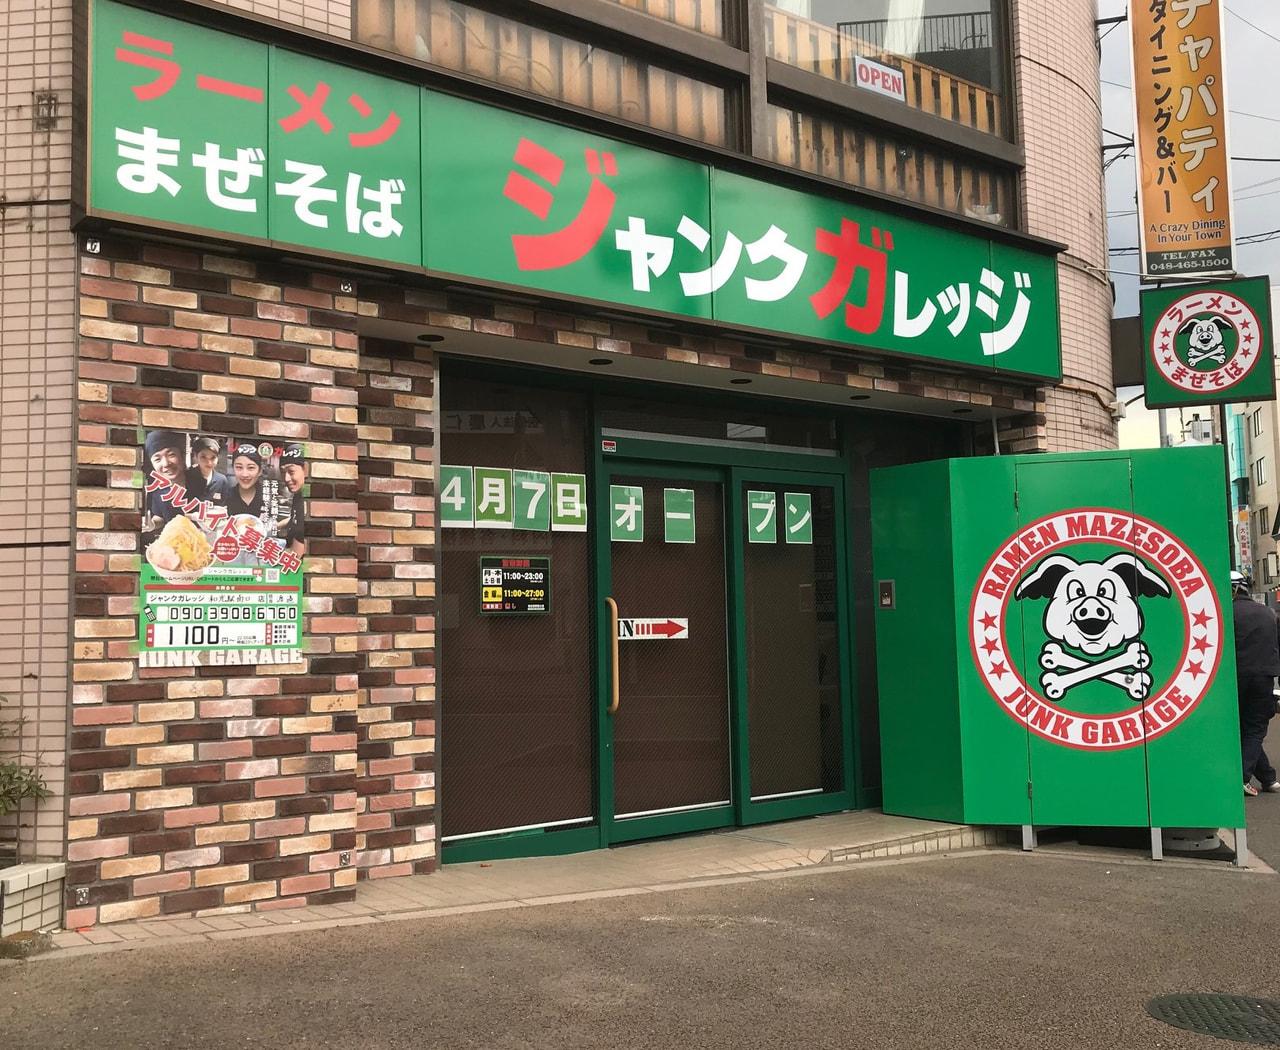 ジャンクガレッジ和光市駅南口店(和光市)のお店の外観